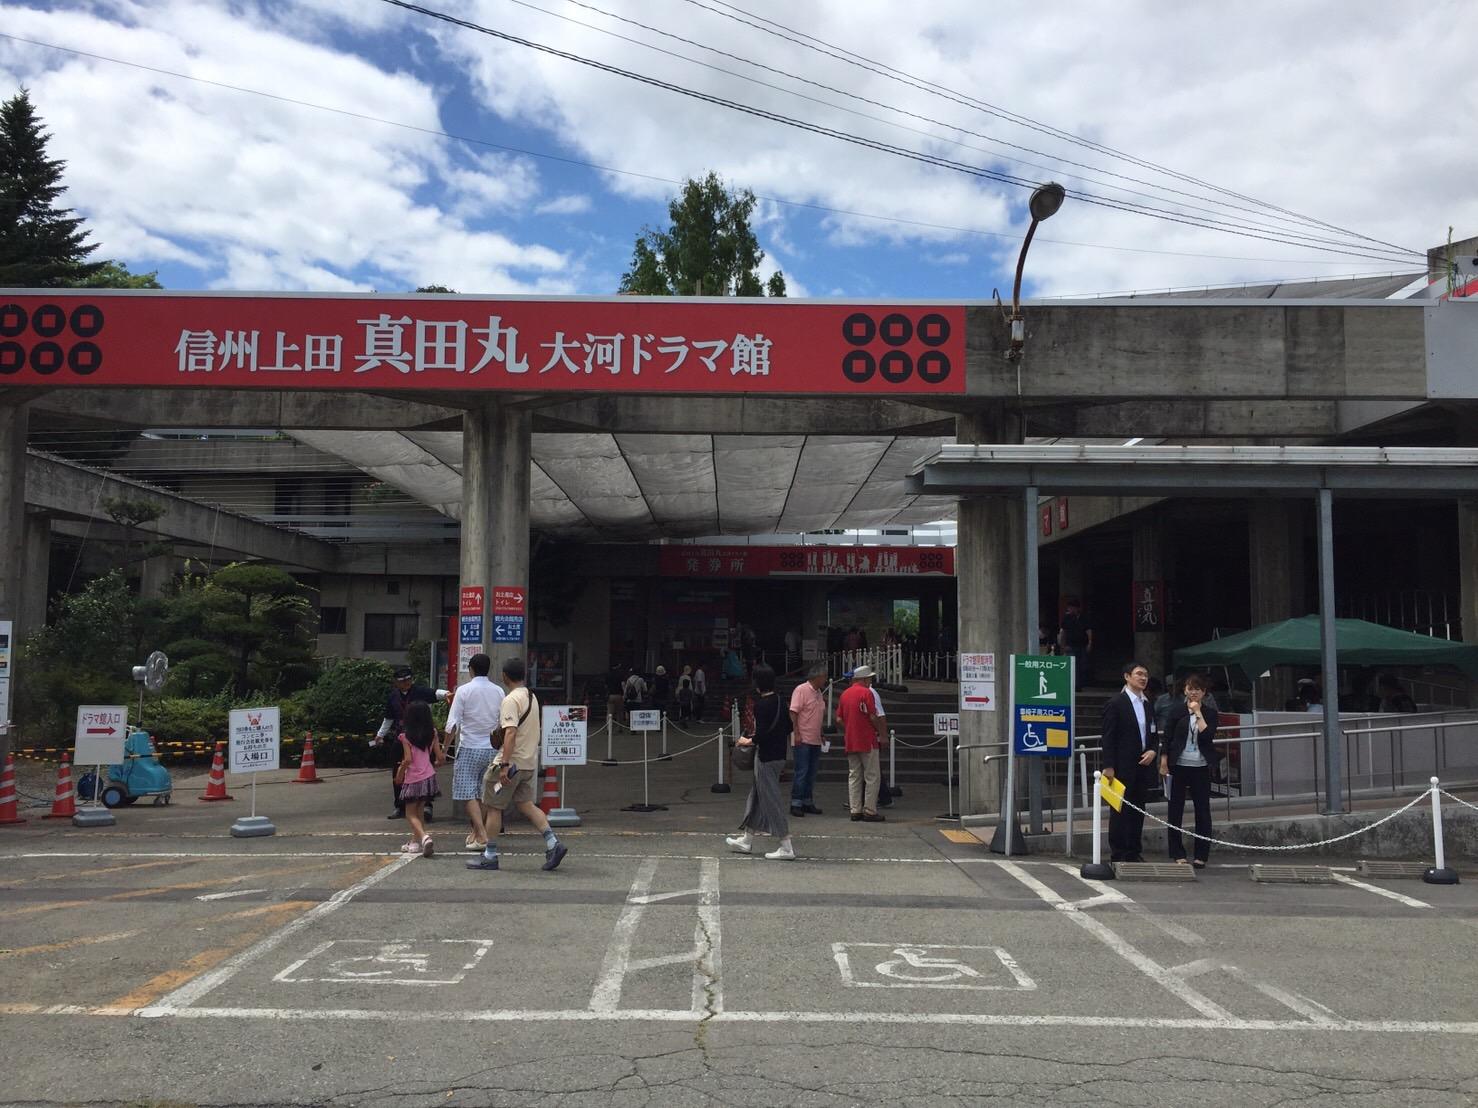 HNK大河ドラマ館